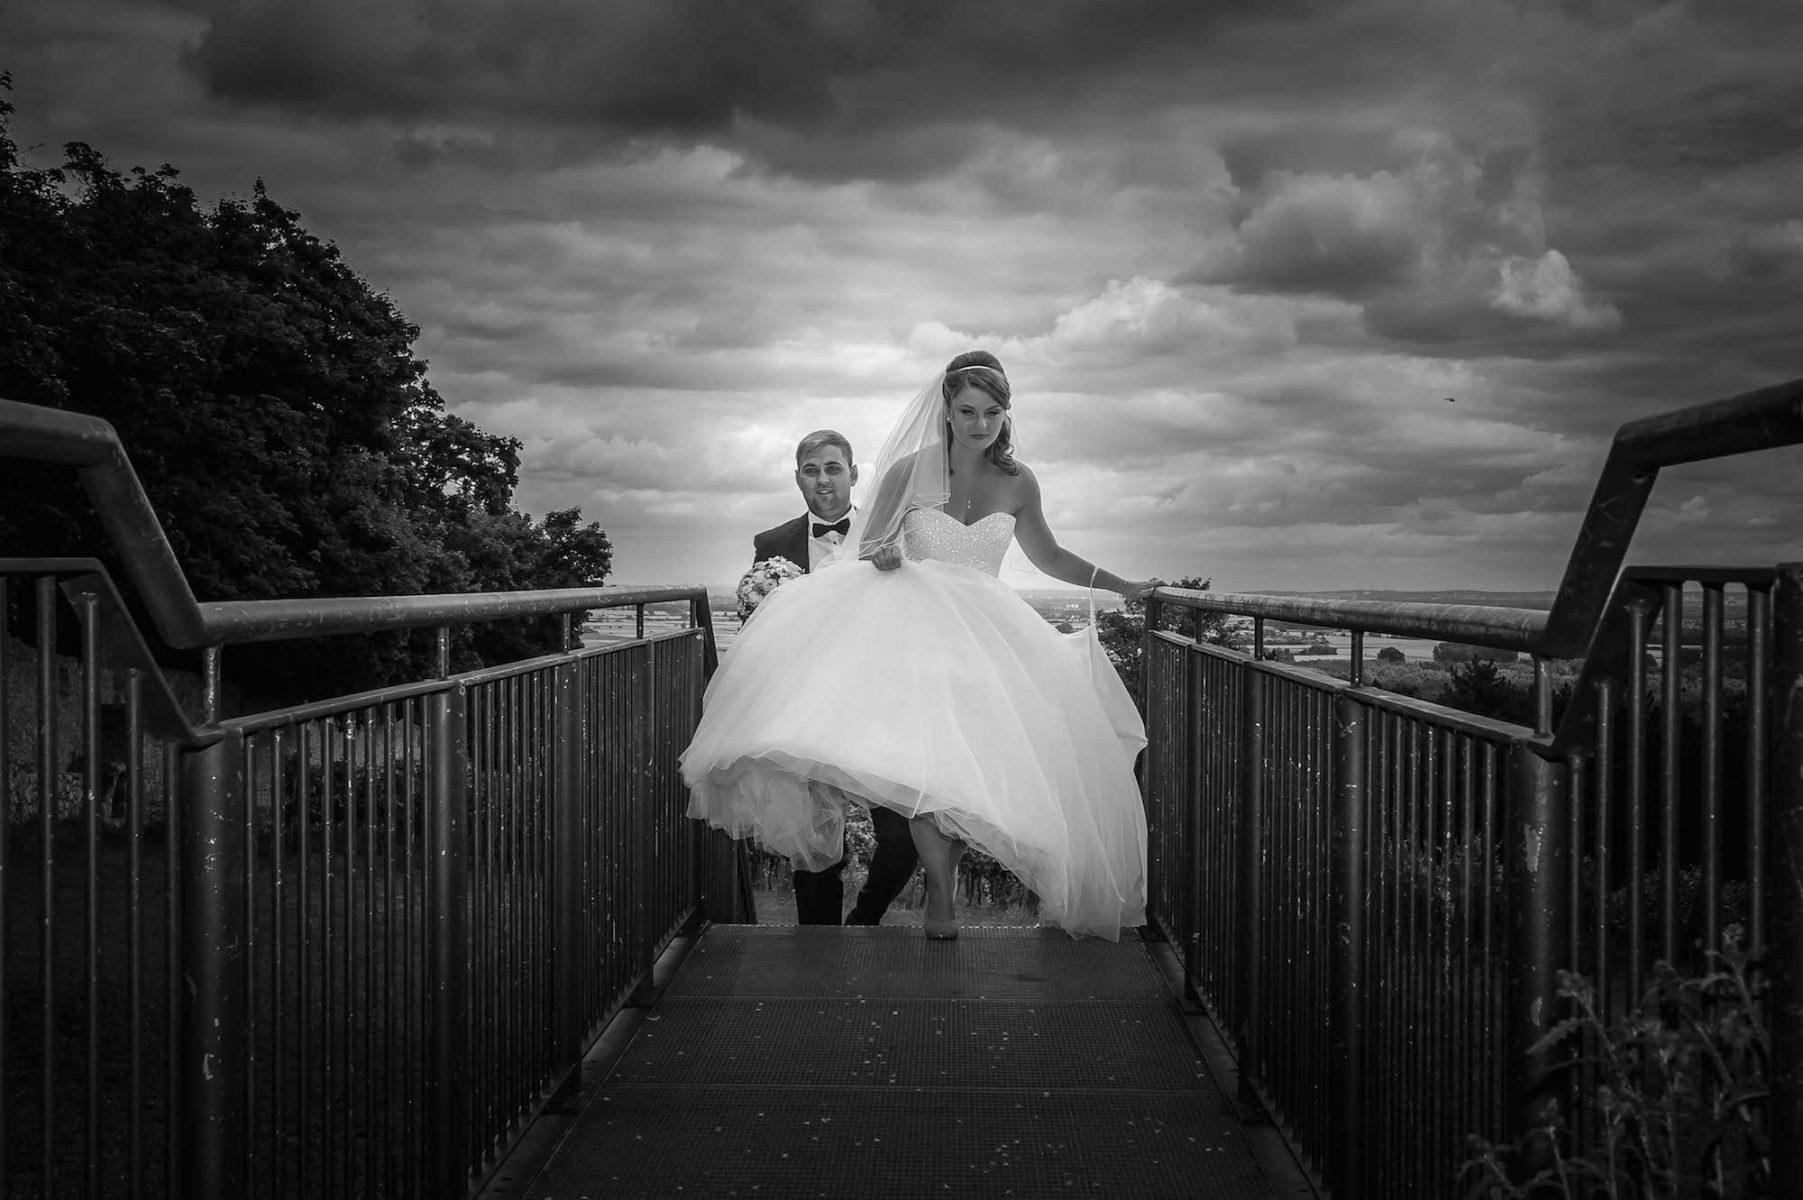 amatustra Hochzeit Zweisam B2000 228920 1803x1200 - ZWEISAM